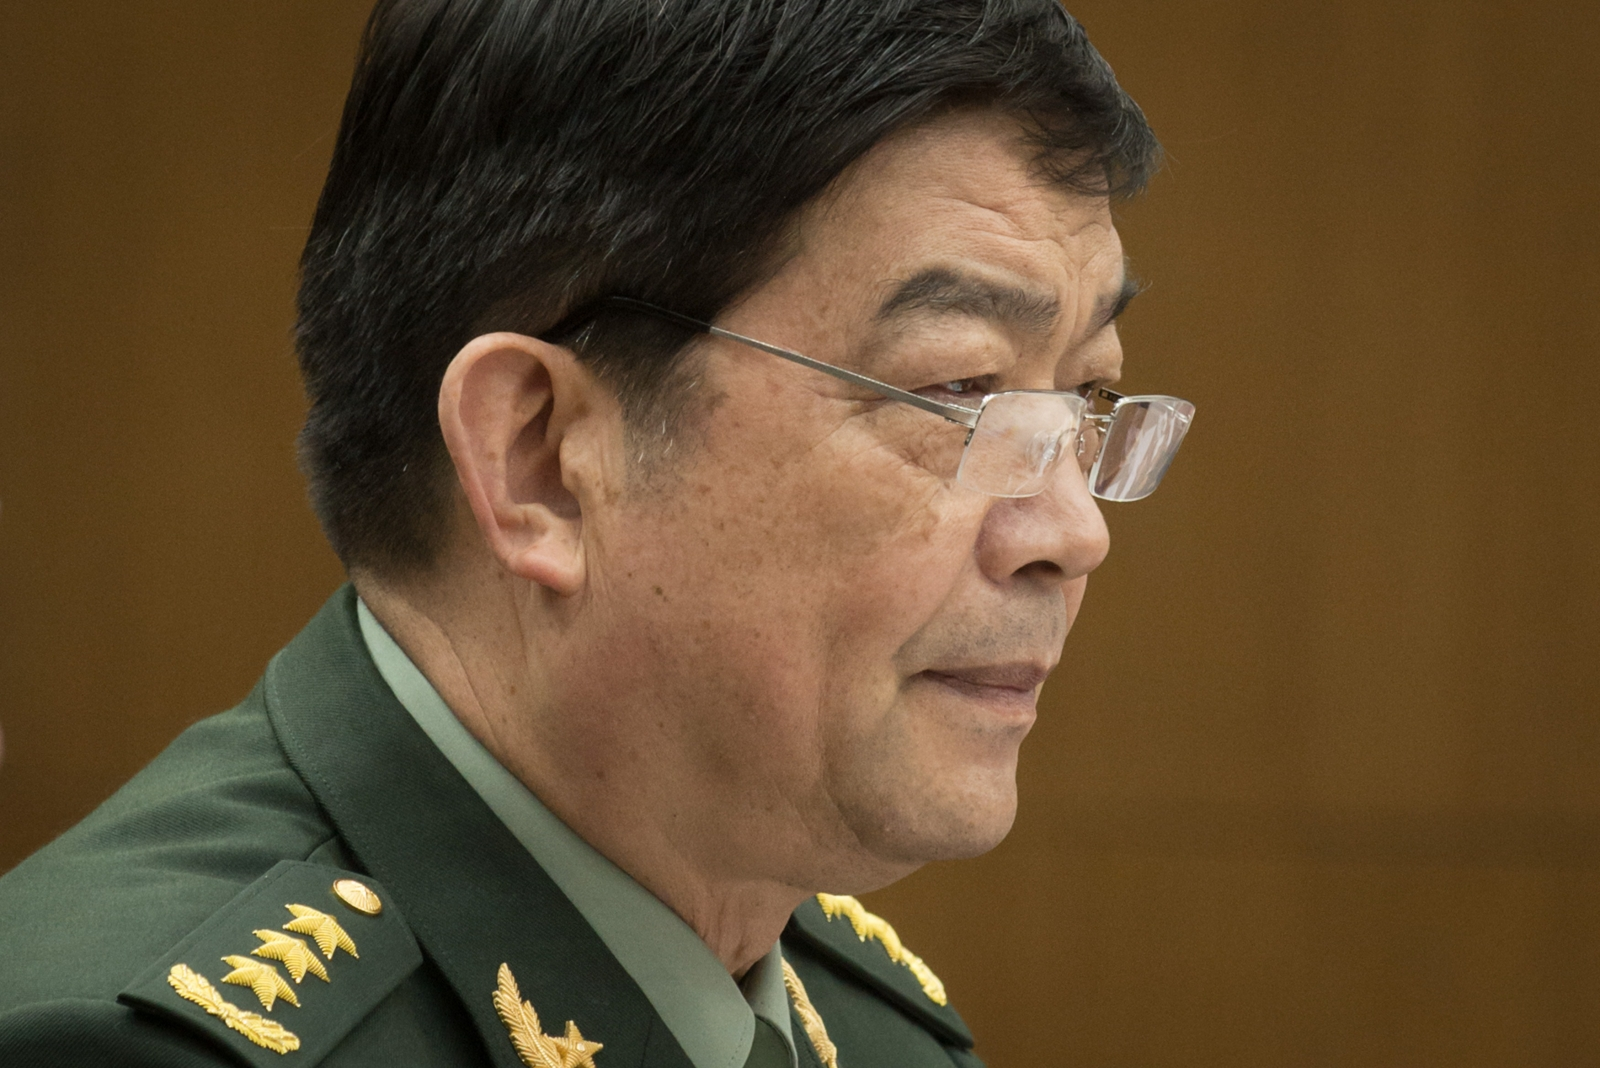 China's Defense Minister Chang Wanquan